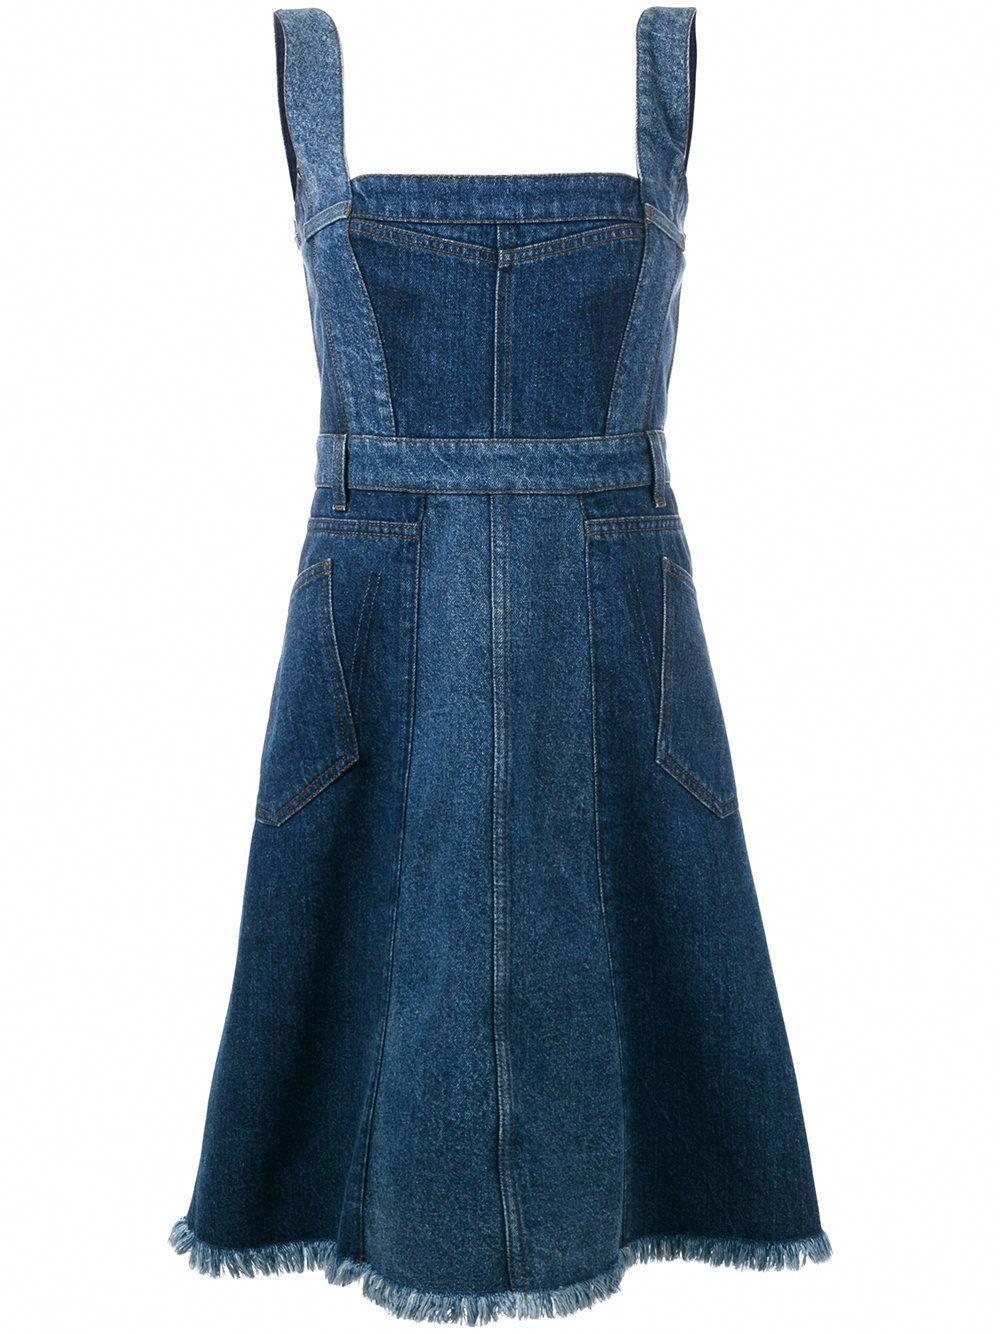 854f8df30b9 Robe en jean Alexander McQueen - 20 robes en jean pour être chic en denim -  Elle  AlexanderMcQueen